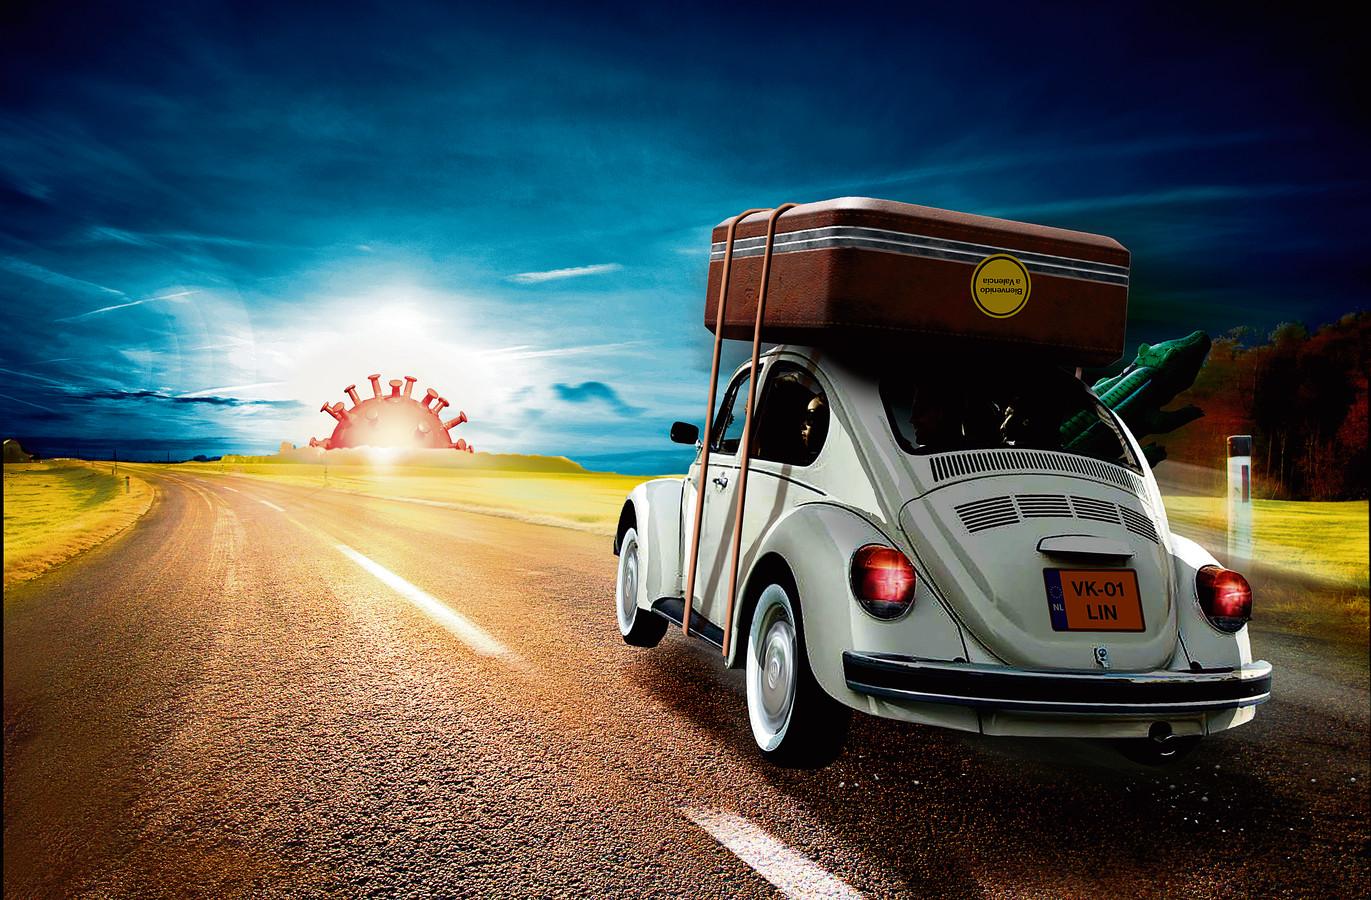 Ondanks dat veel Europese landen volgende week de grenzen weer openen voor toeristen, blijven de meeste mensen deze zomer in Nederland.